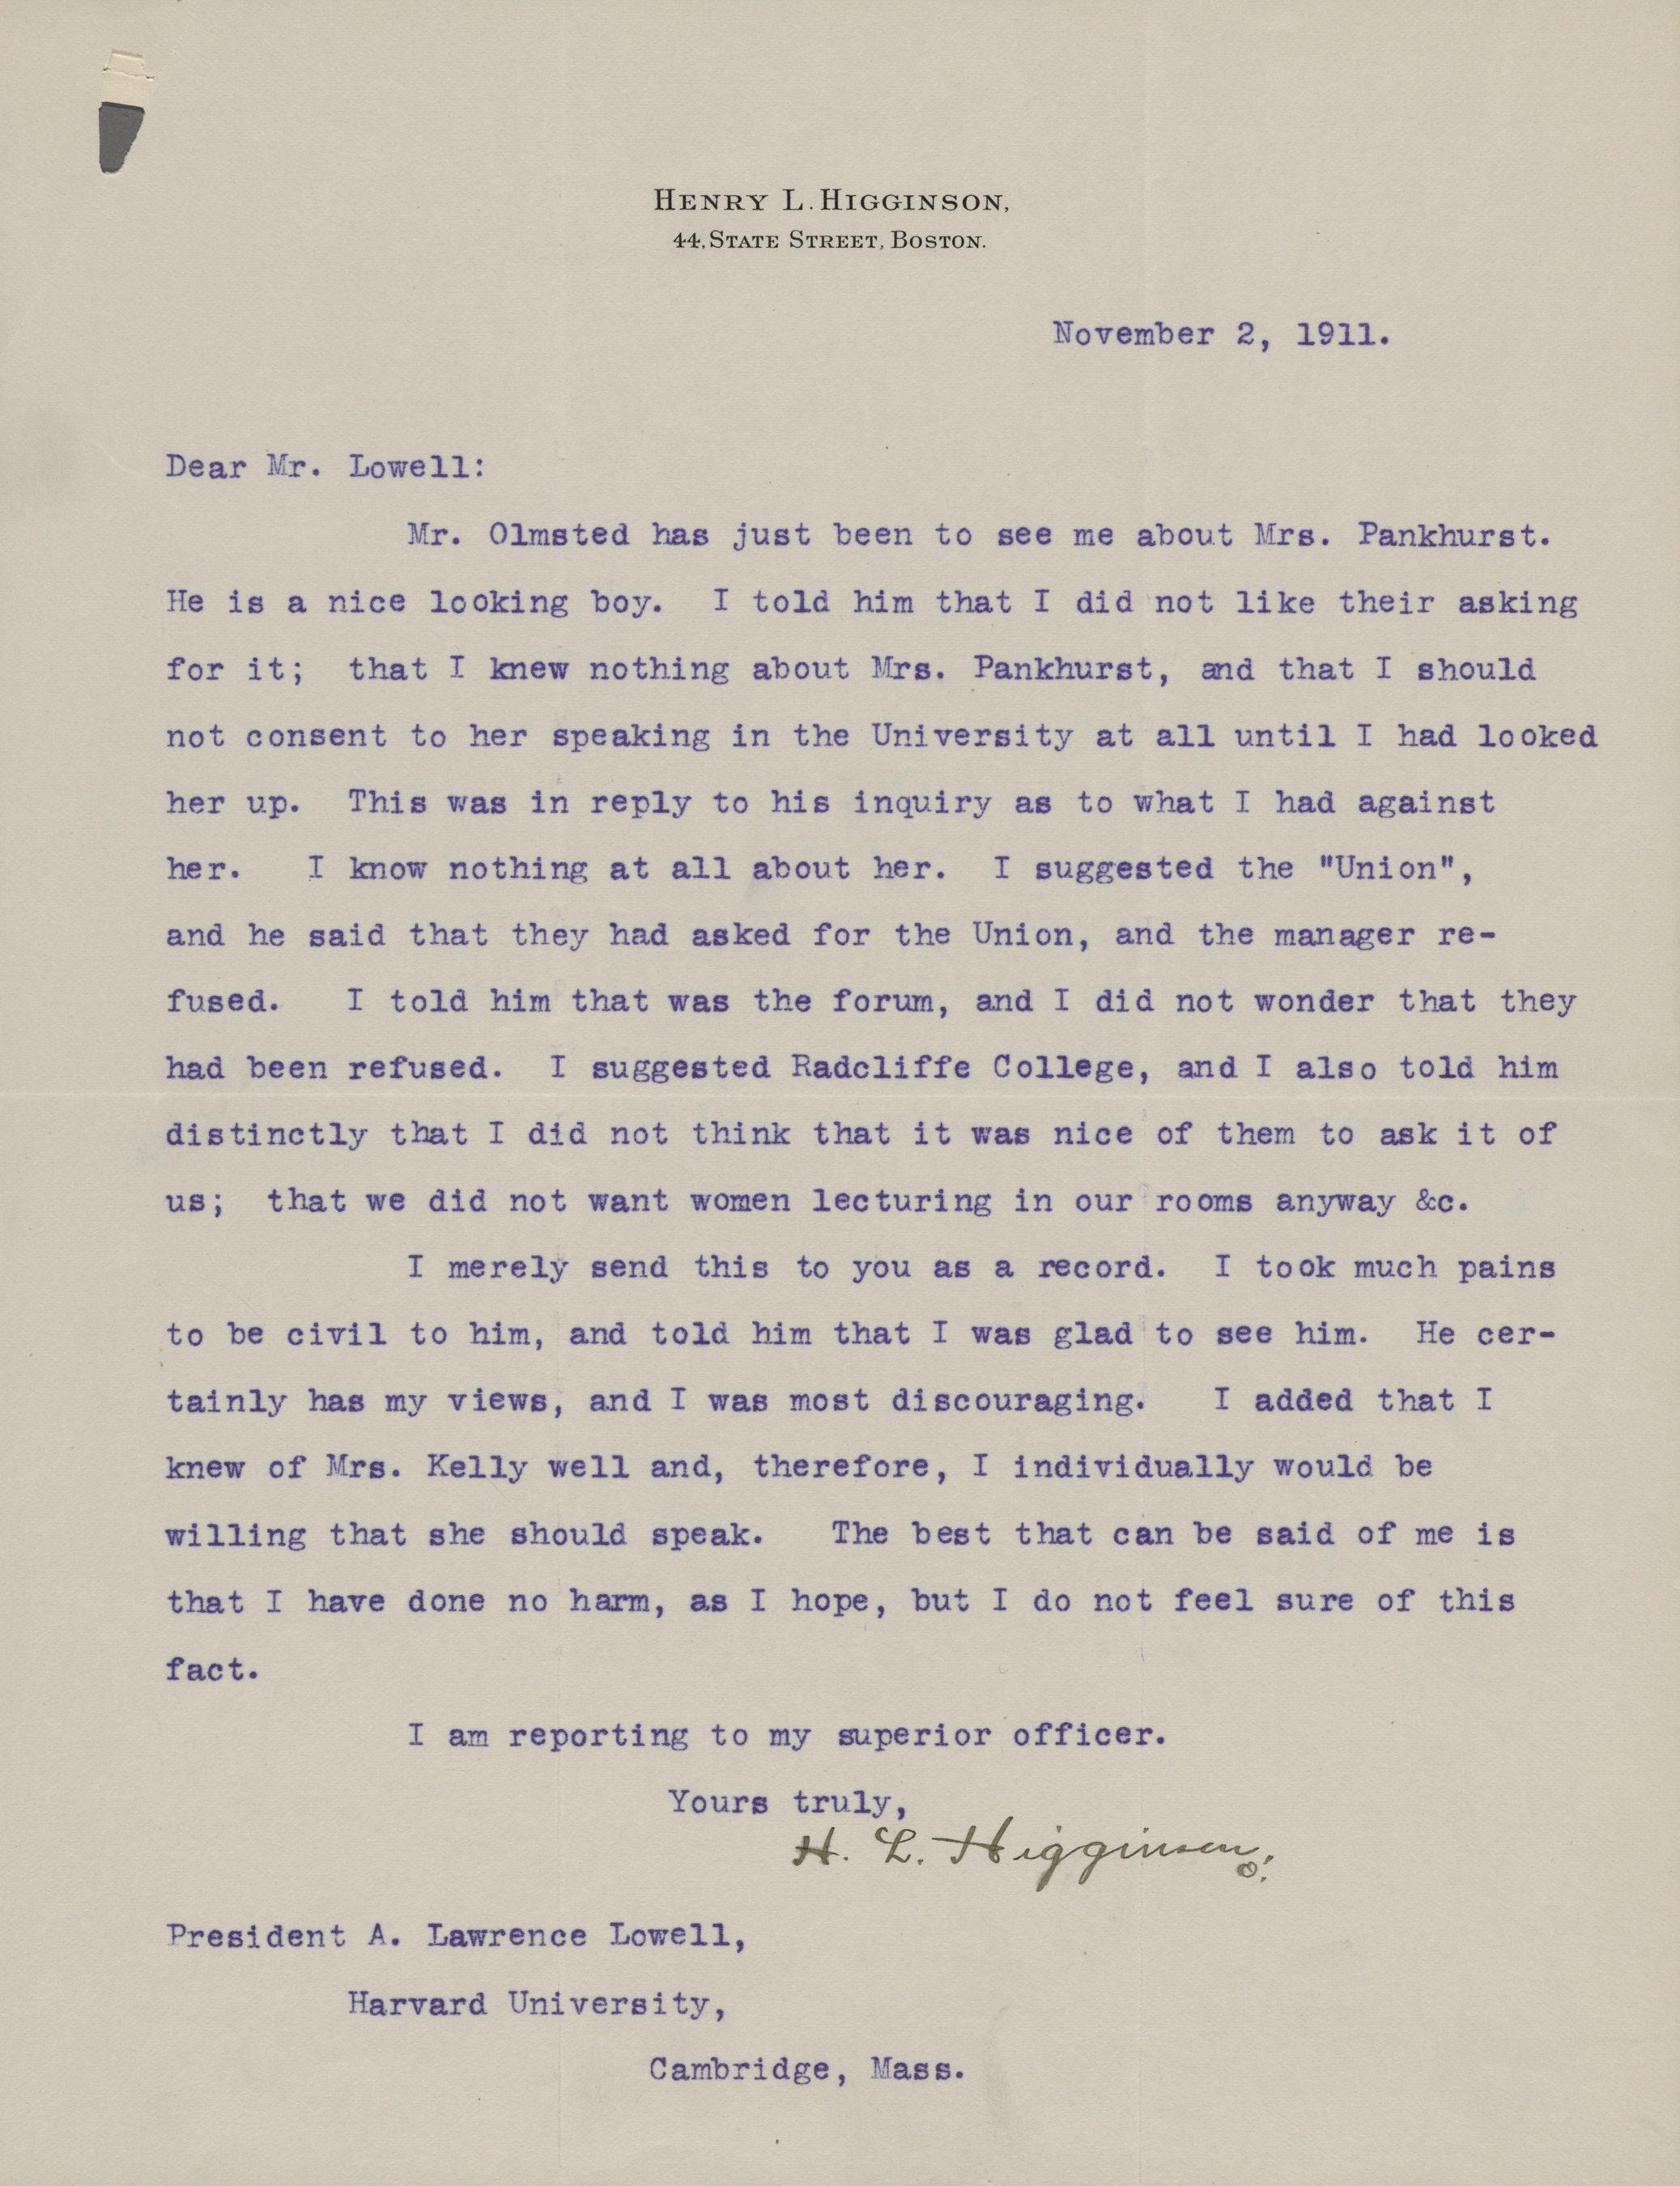 Letter regarding Mrs. Emmeline Pankhurst